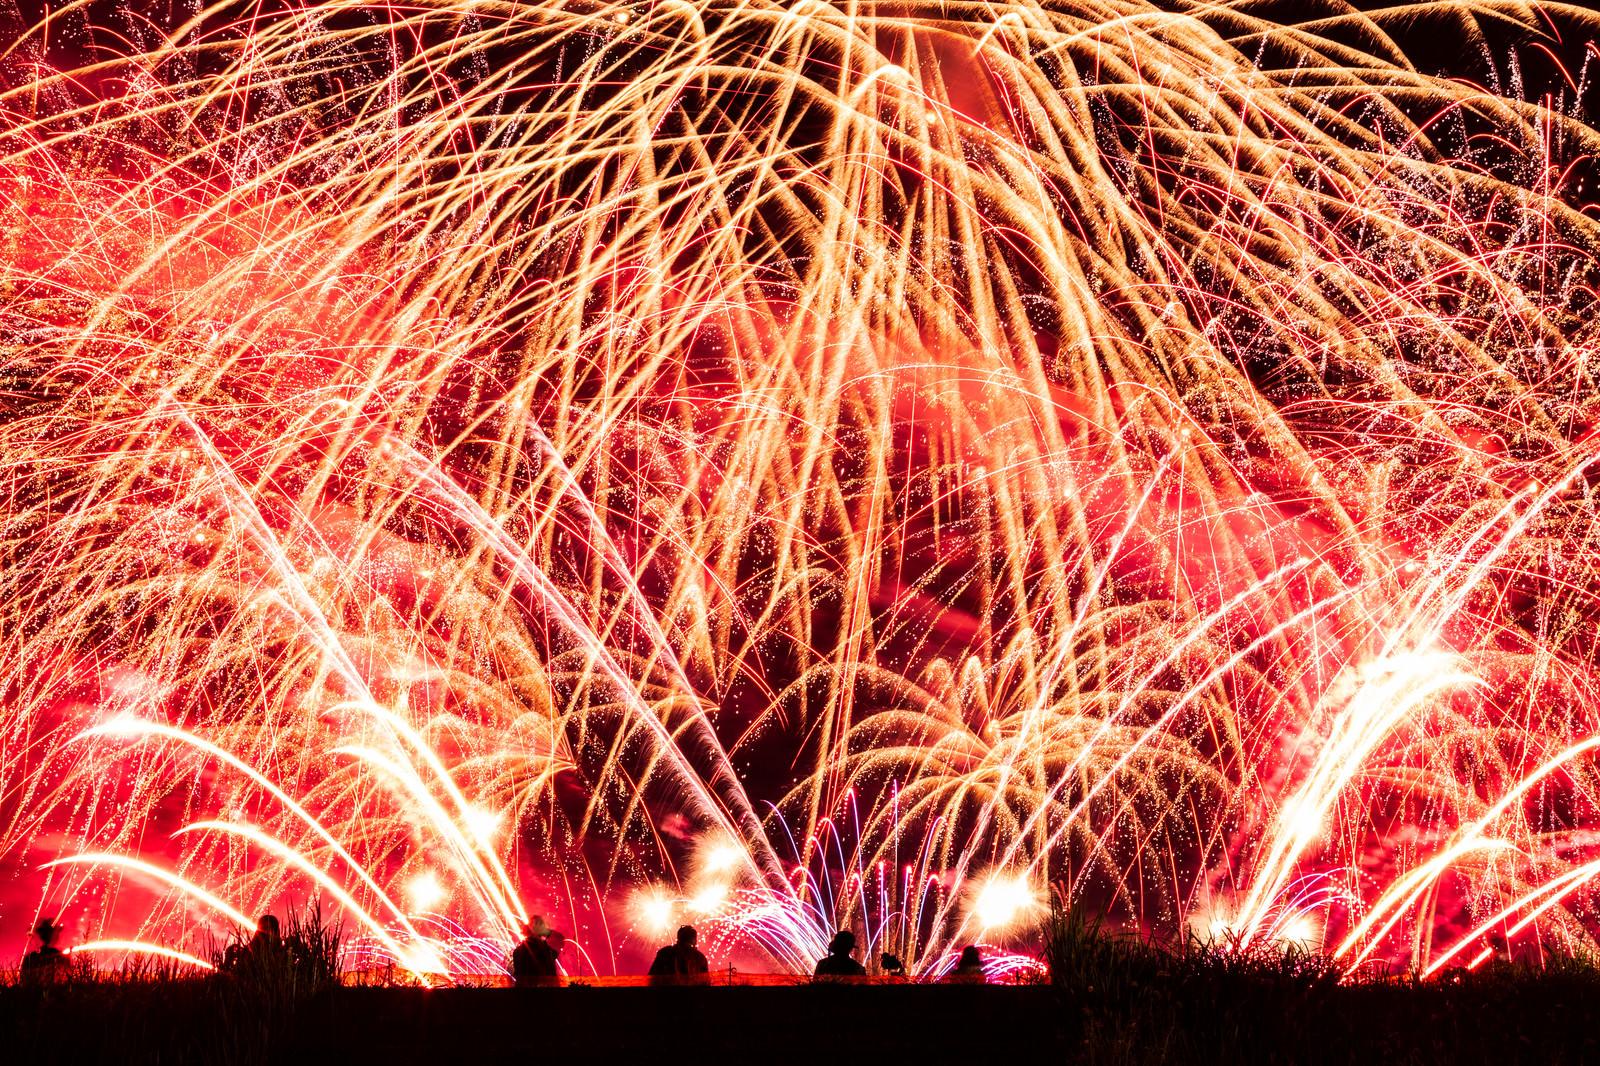 「夜空に盛大に弾け散る大曲の花火(秋田県大仙市)」の写真